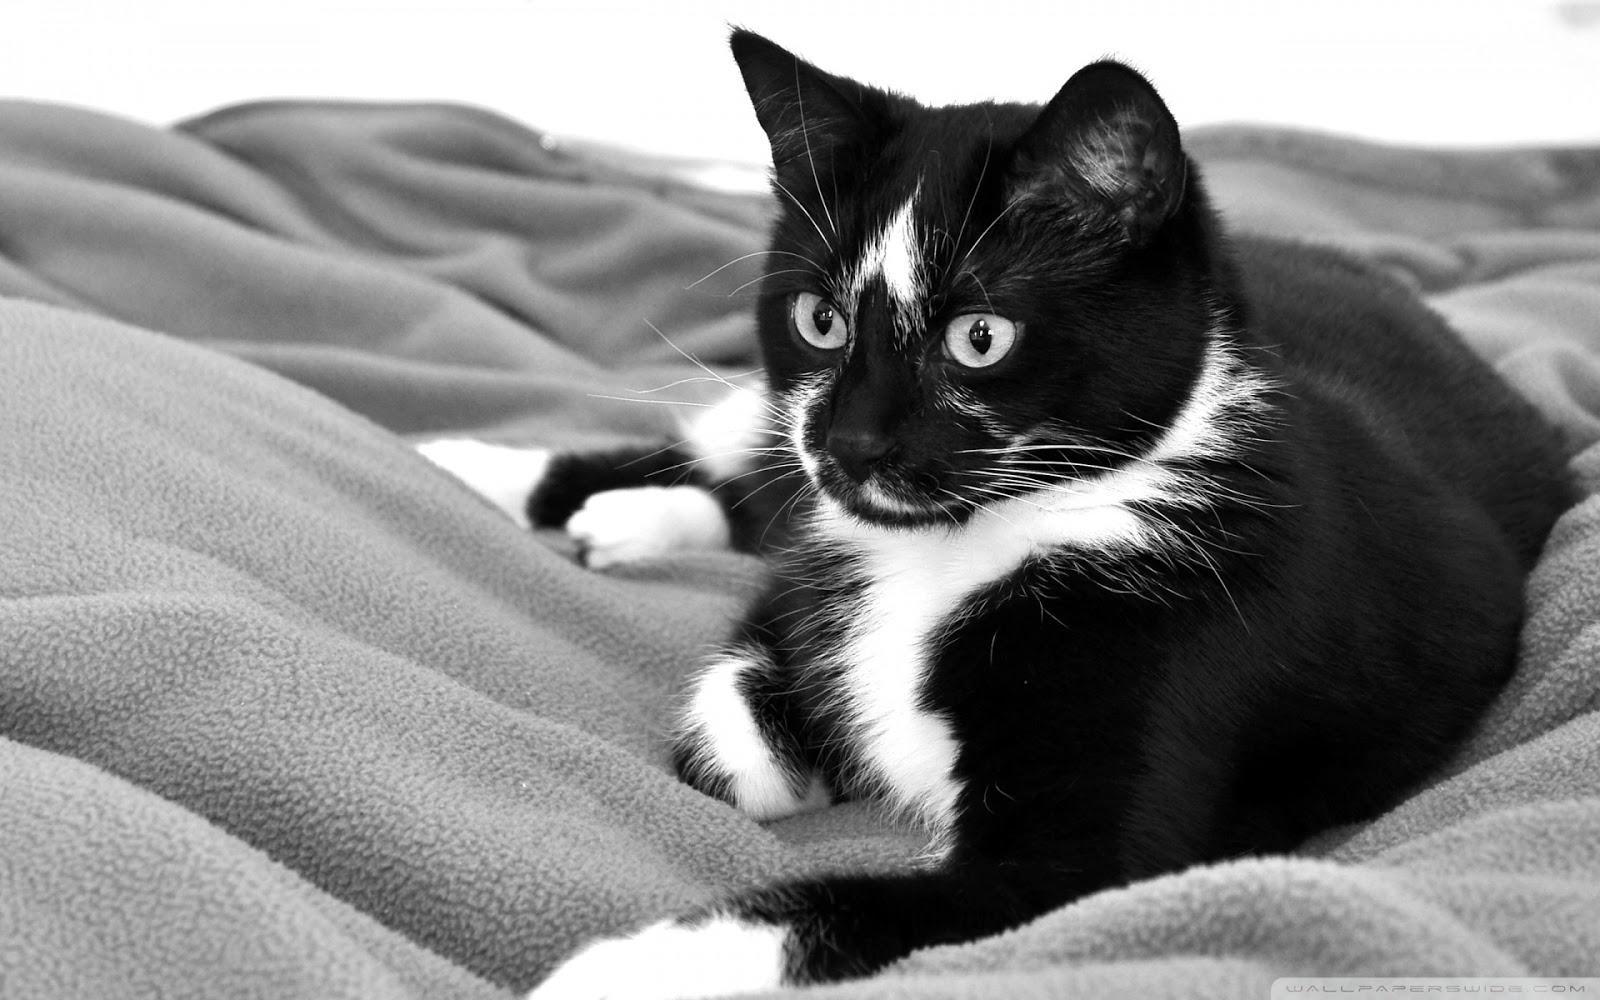 Cute Black Cat Wallpaper Wallpapersafari